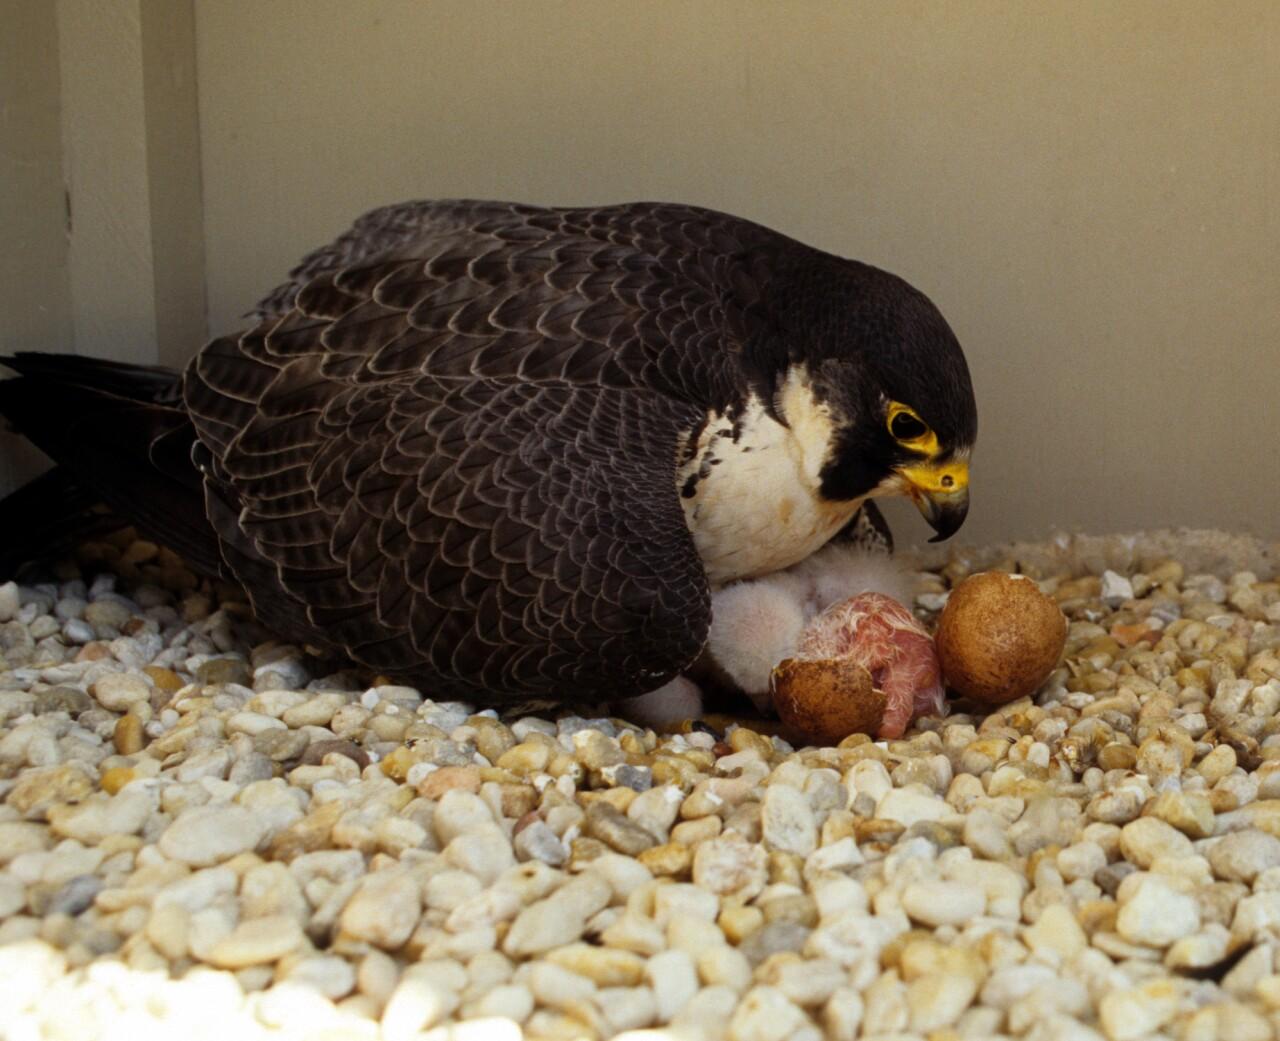 bird raptor peregrine falcon nest egg daniel.jpg